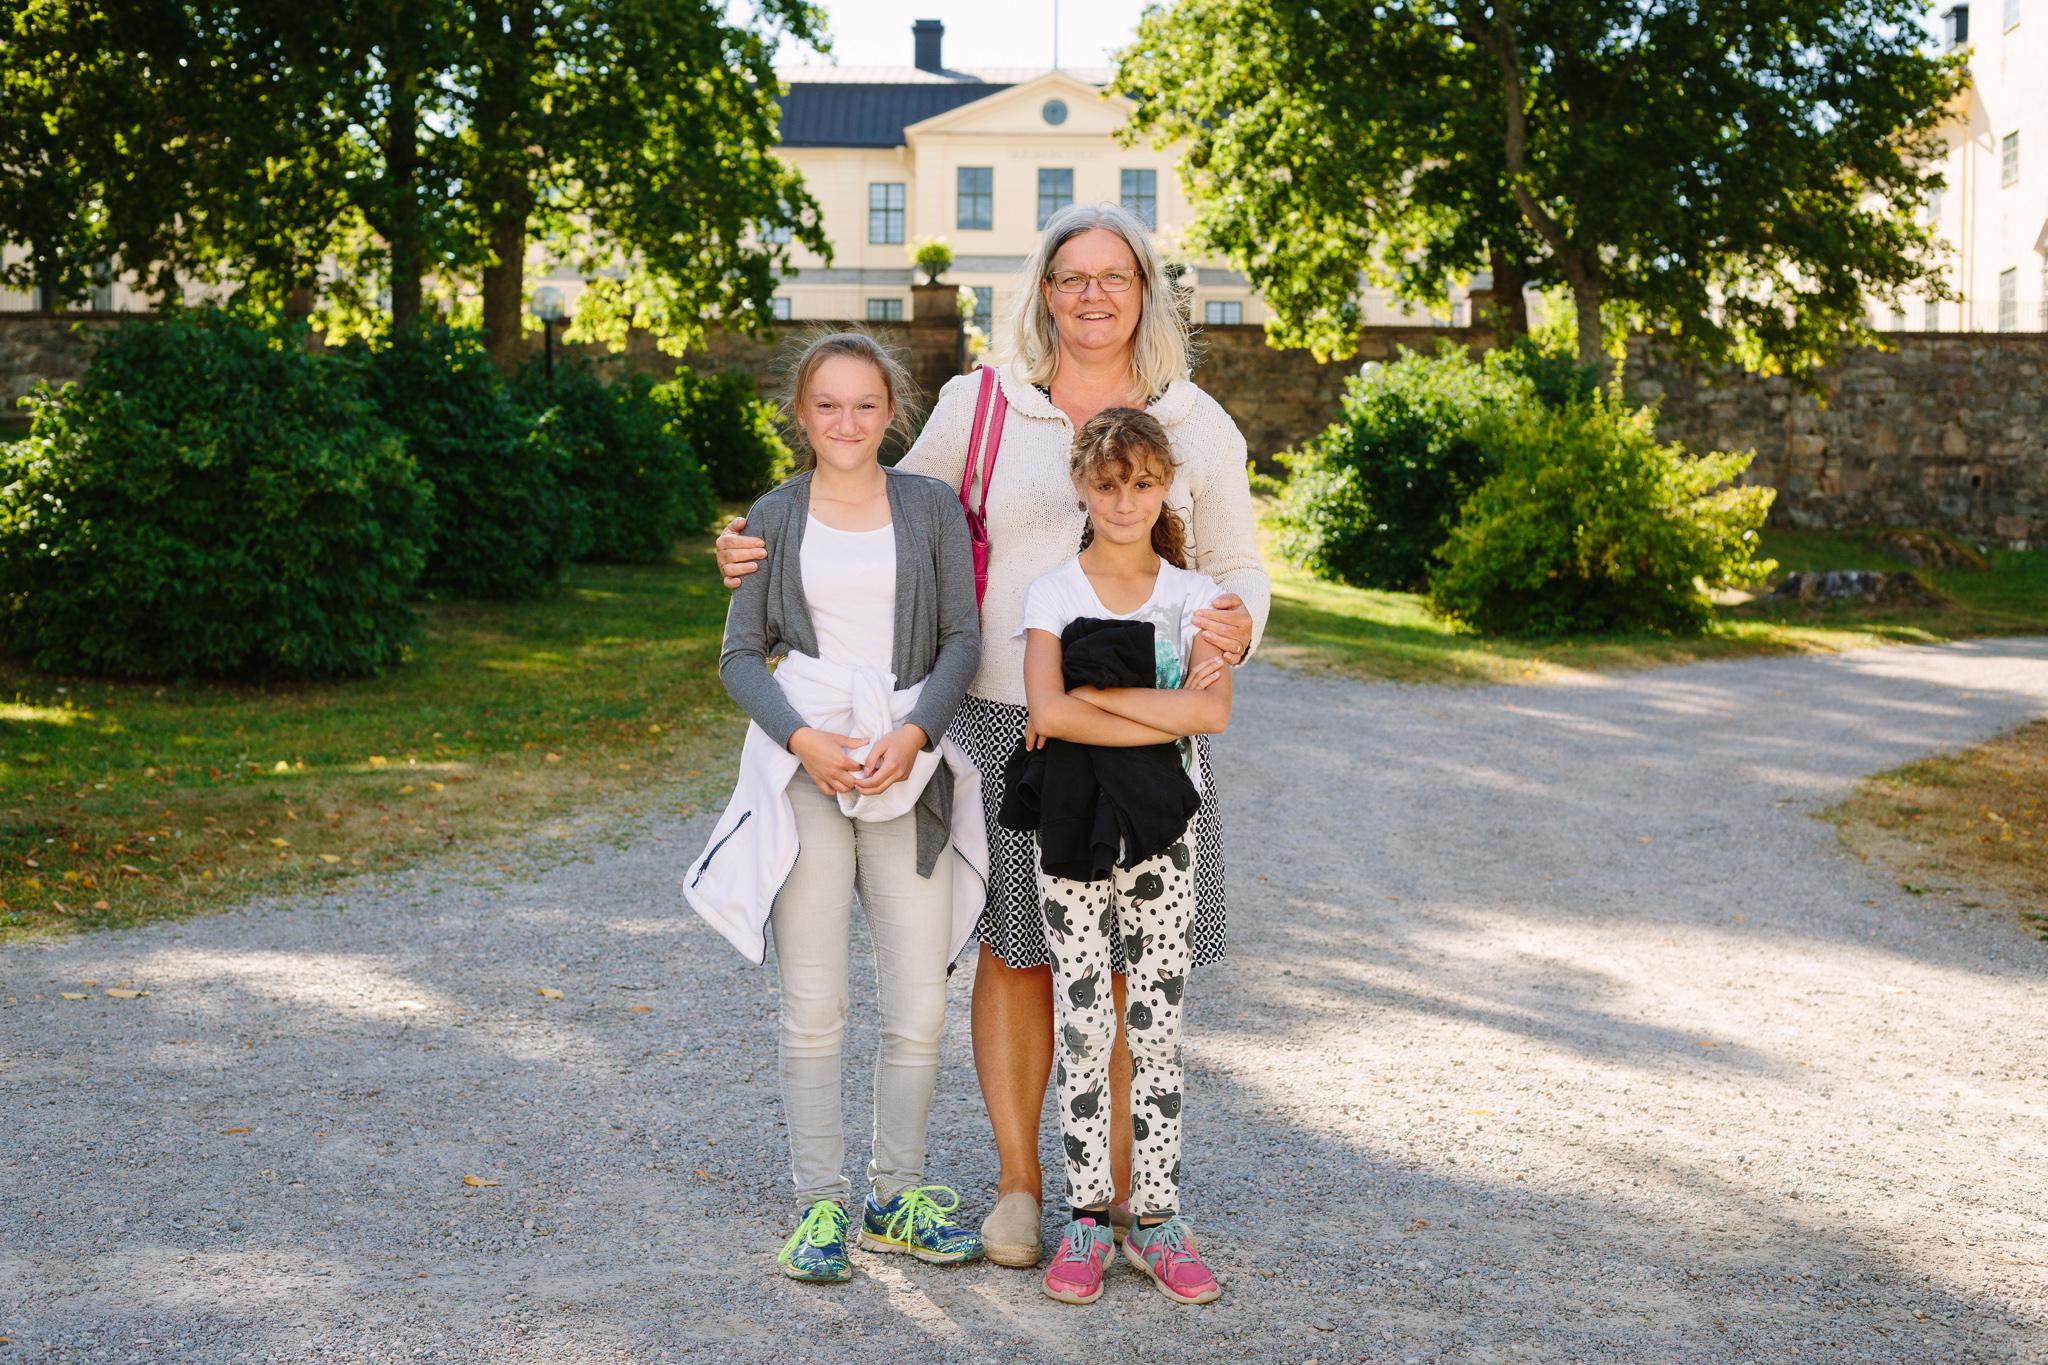 Norrkopingarea_Sweden_blog2016_jenniferleahy-001.jpg